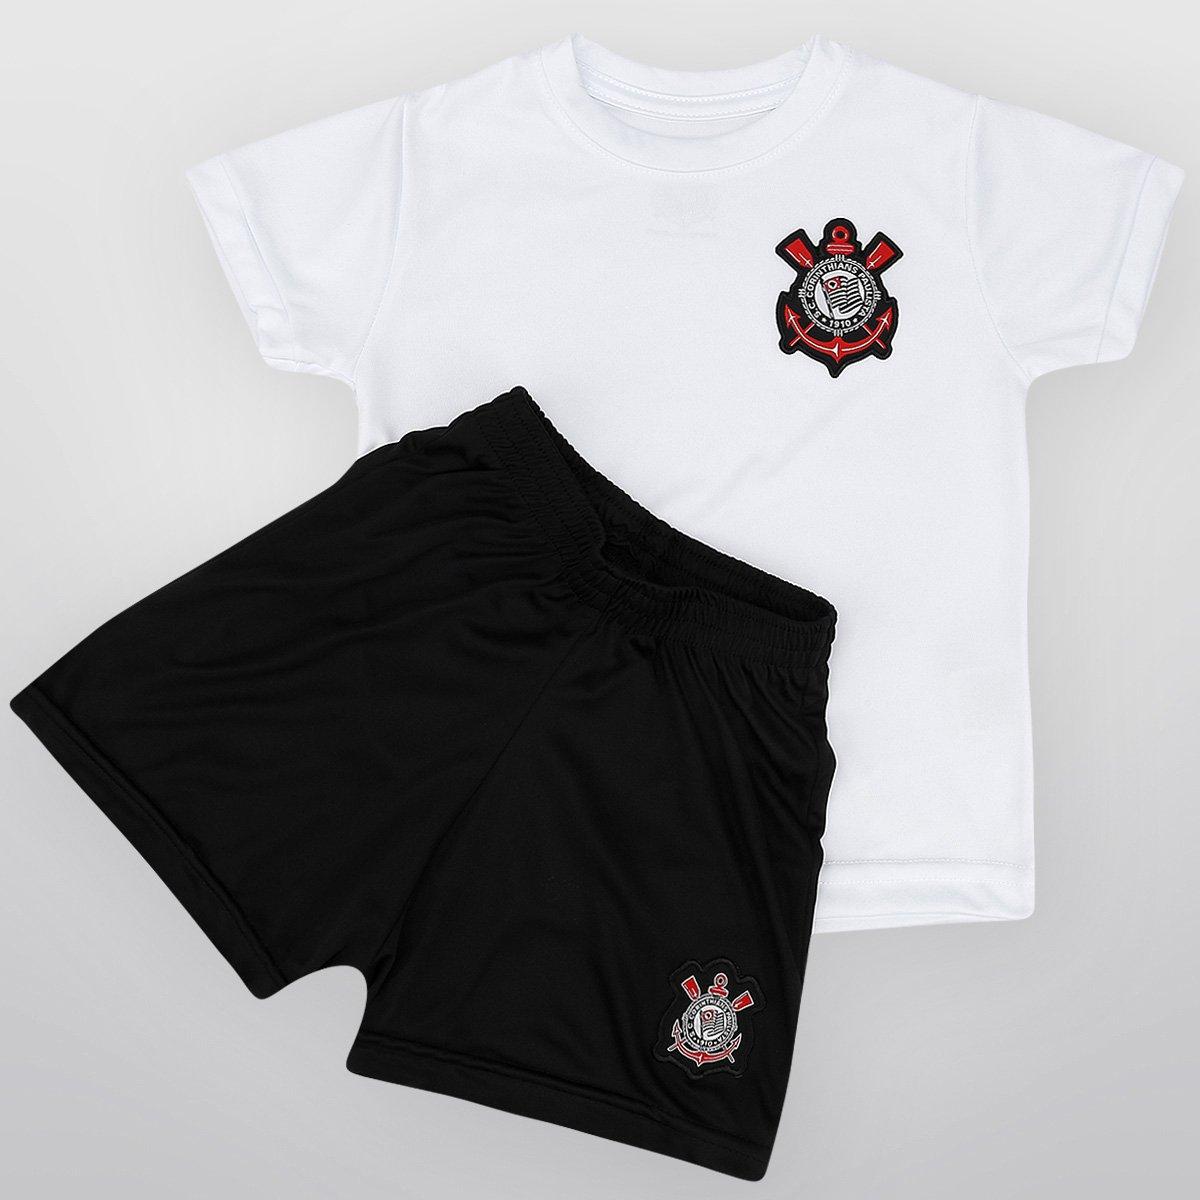 Kit Corinthians Infantil - Compre Agora  05de73860867a